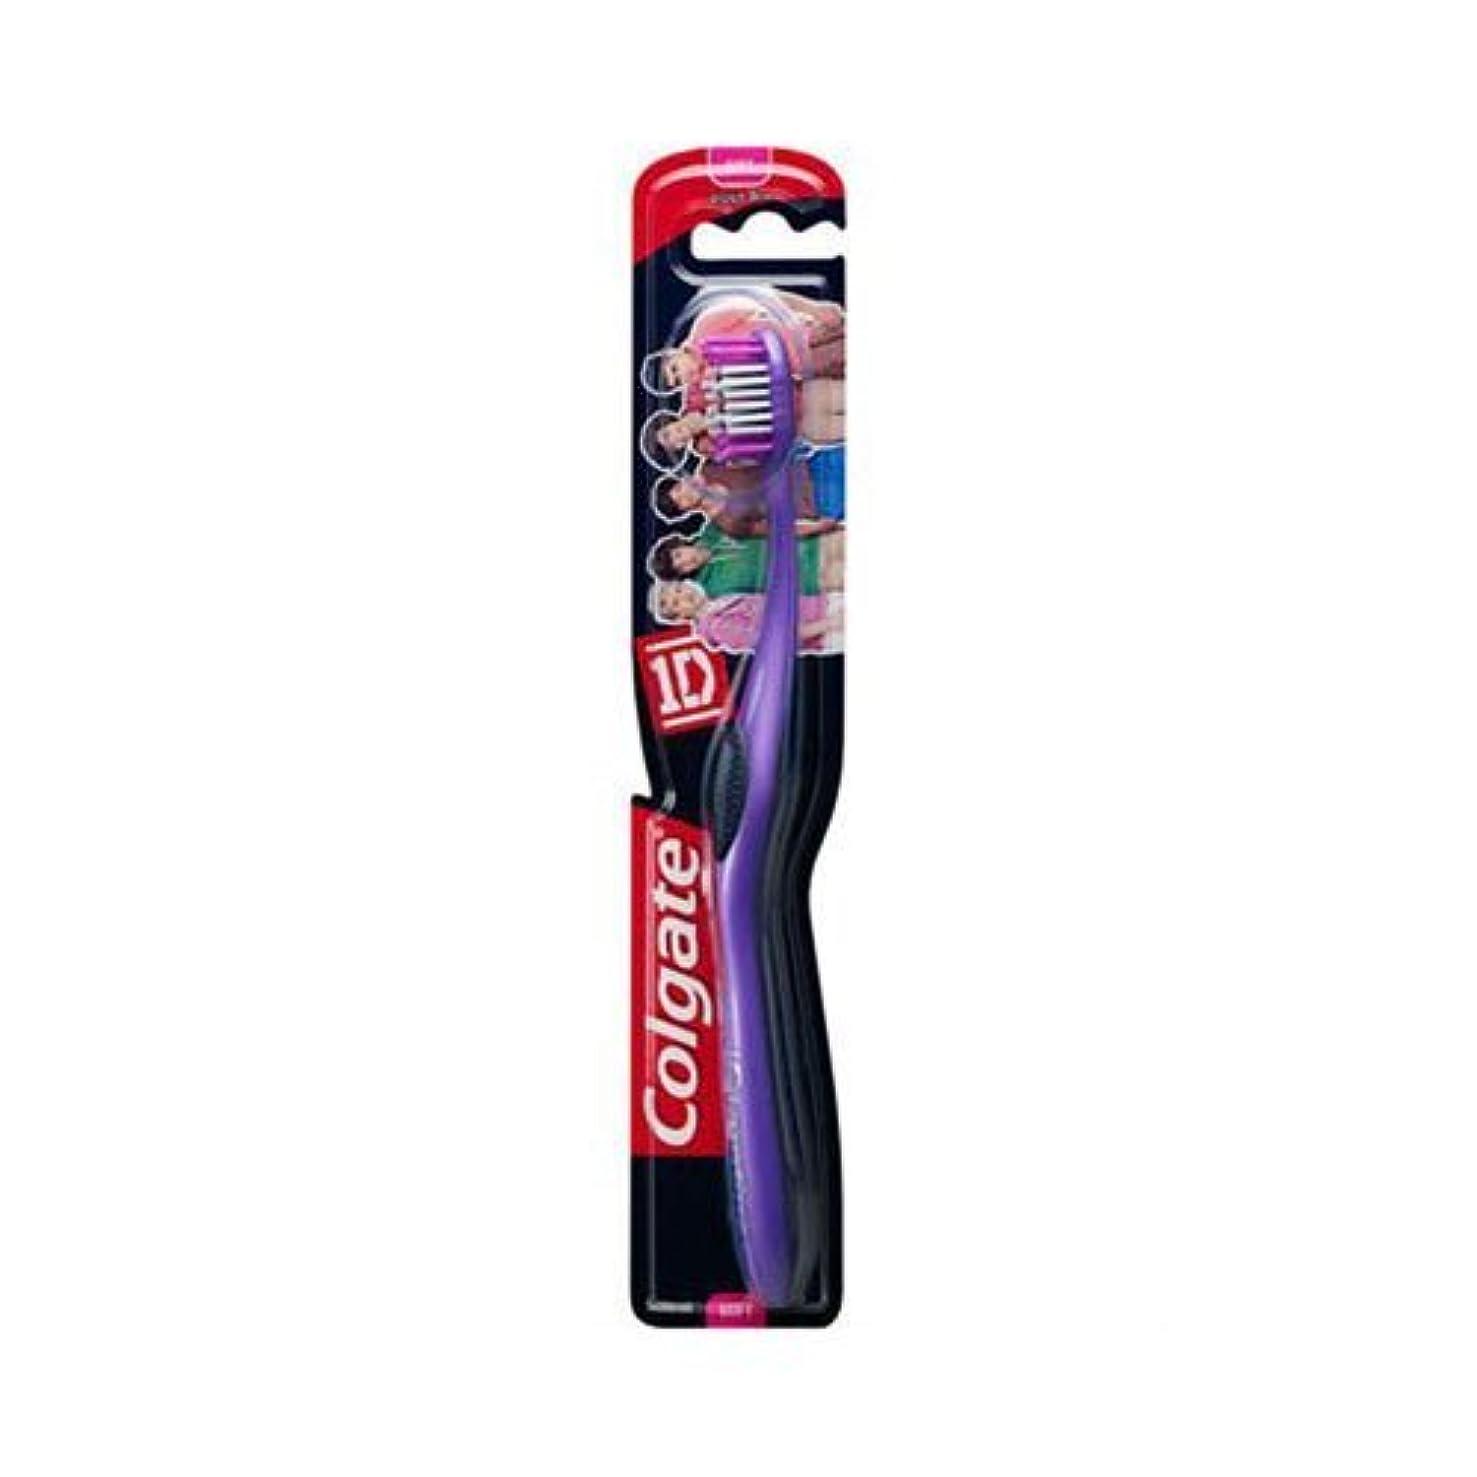 使役クラックしないColgate 1d (One Direction) Maxfresh Soft Toothbrush Age 8+ by Colgate [並行輸入品]